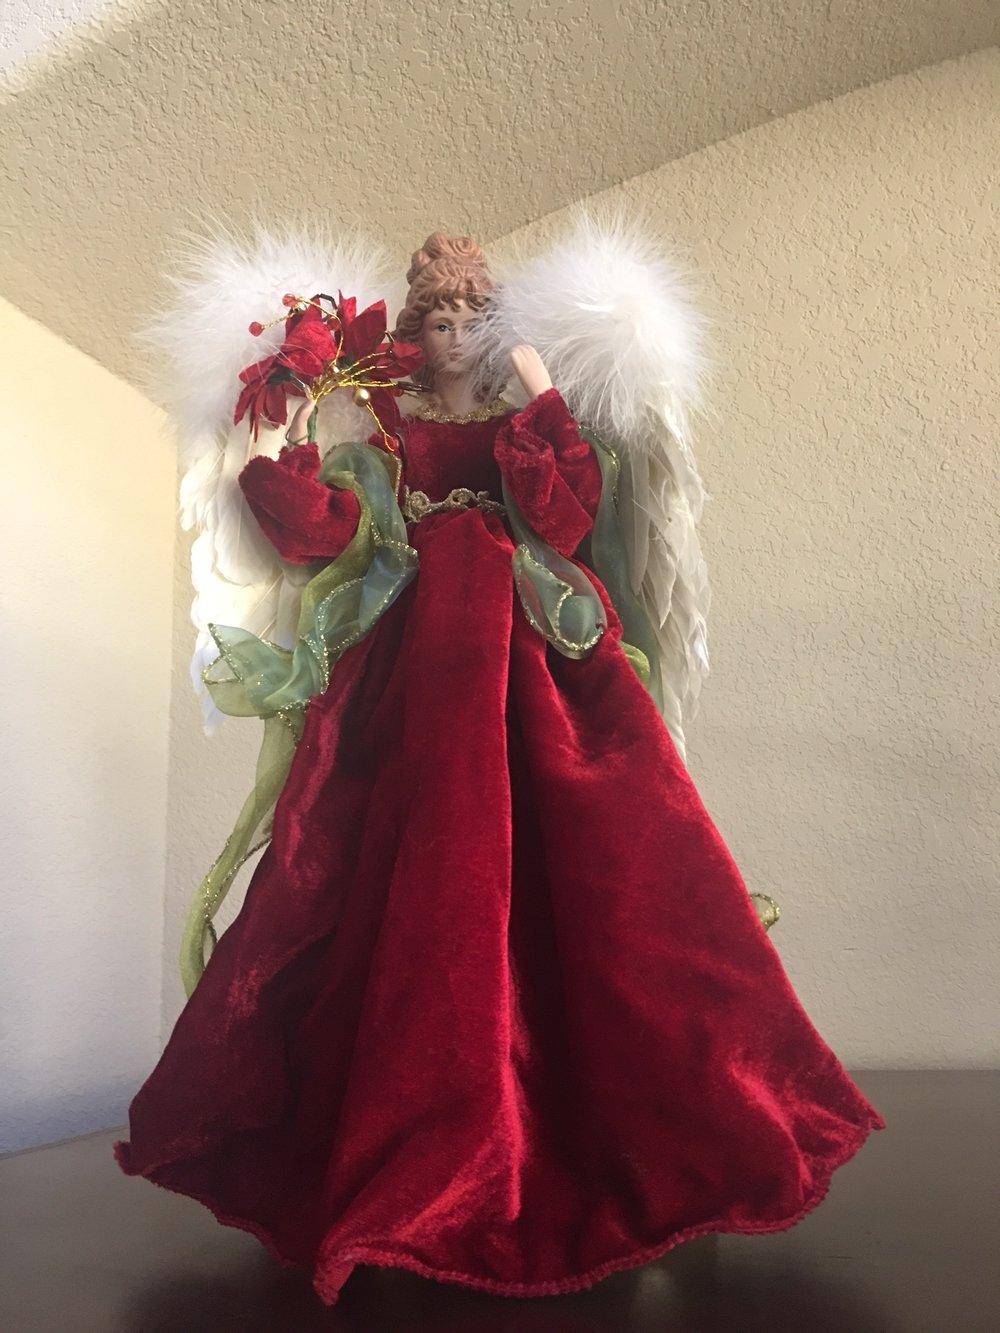 - Angel with red velvet dress